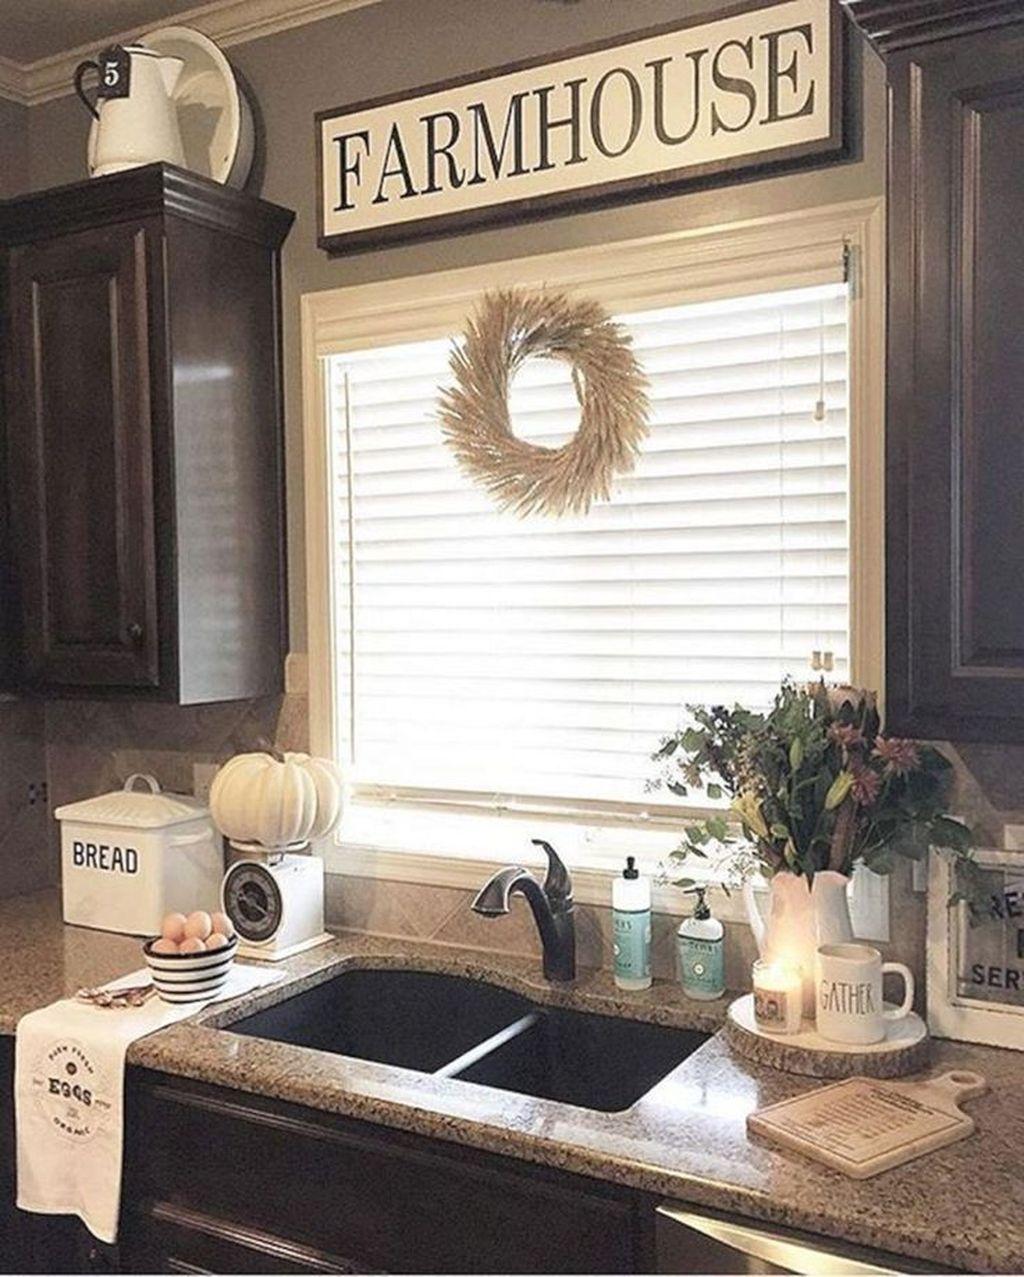 Amazing Organized Farmhouse Kitchen Decor Ideas 31